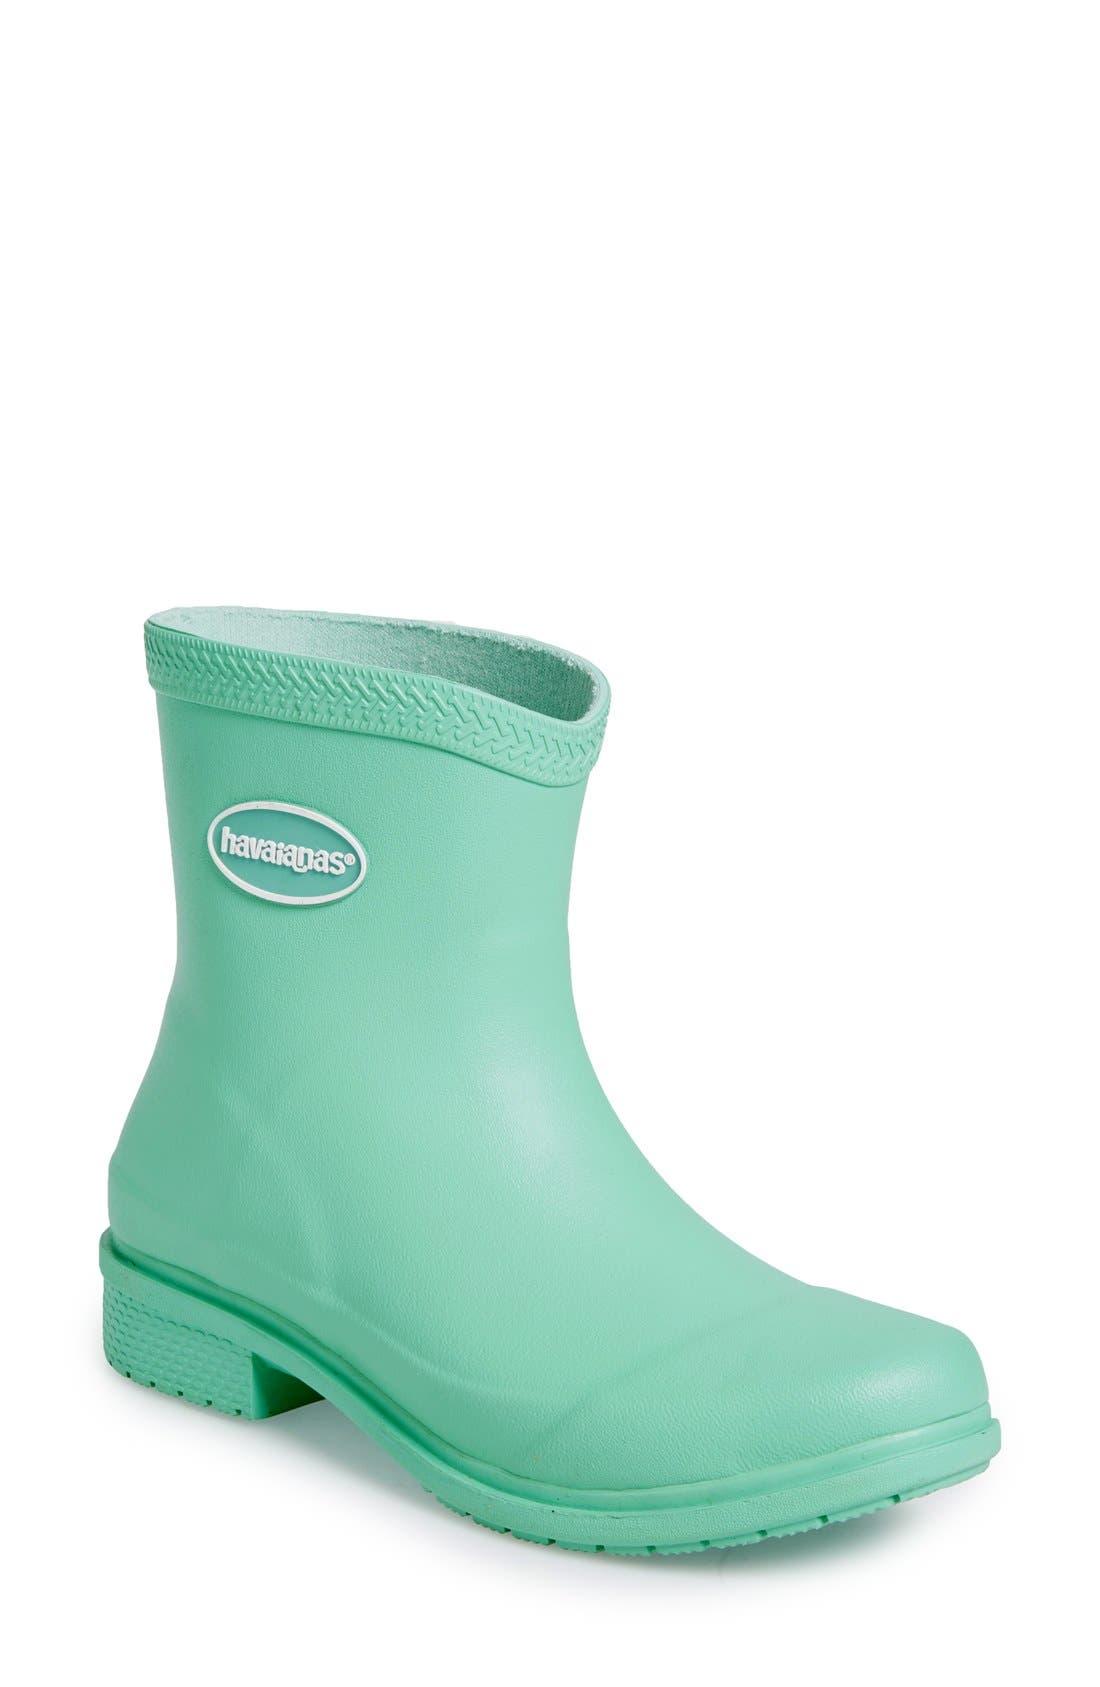 Main Image - Havaianas 'Galochas Low Matte' Waterproof Rain Boot (Women)